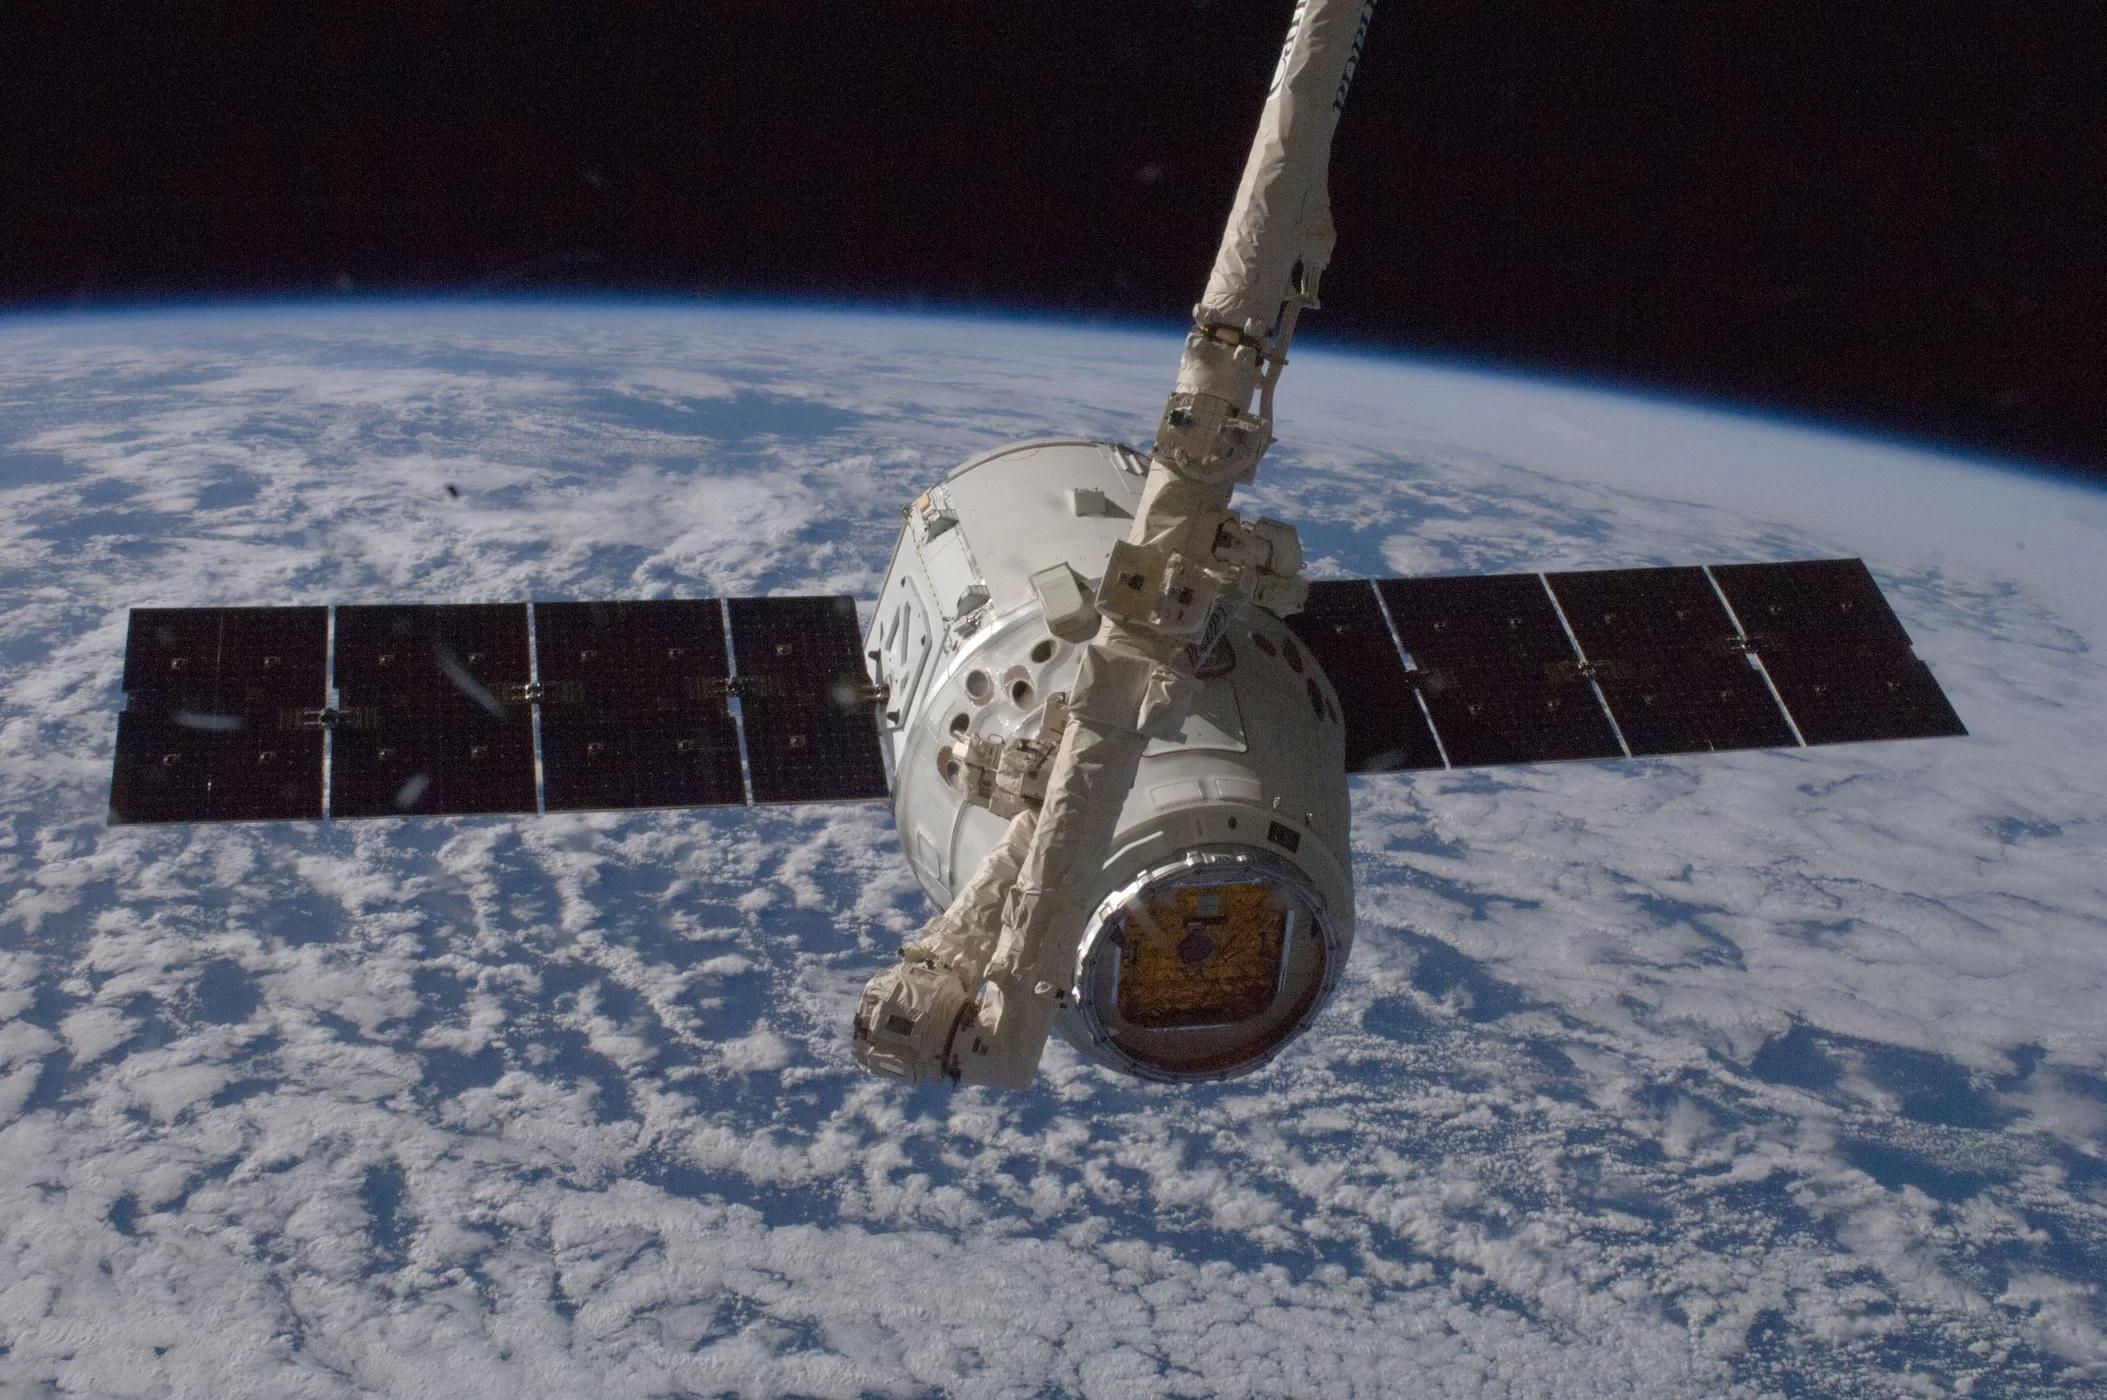 10 października 2012 roku, wykonując operacje ze stacji roboczej w środku kopuły o siedmiu oknach, Aki Hoshide – astronauta Japońskiej Agencji Eksploracji Przestrzeni Kosmicznej, inżynier 33 Ekspedycji – wraz z astronautką NASA Sunitą Williams (dowódczyni) przechwycili o 6:56 (EDT) Dragona oraz użyli ramienia robotycznego, by podczepić go do stacji.